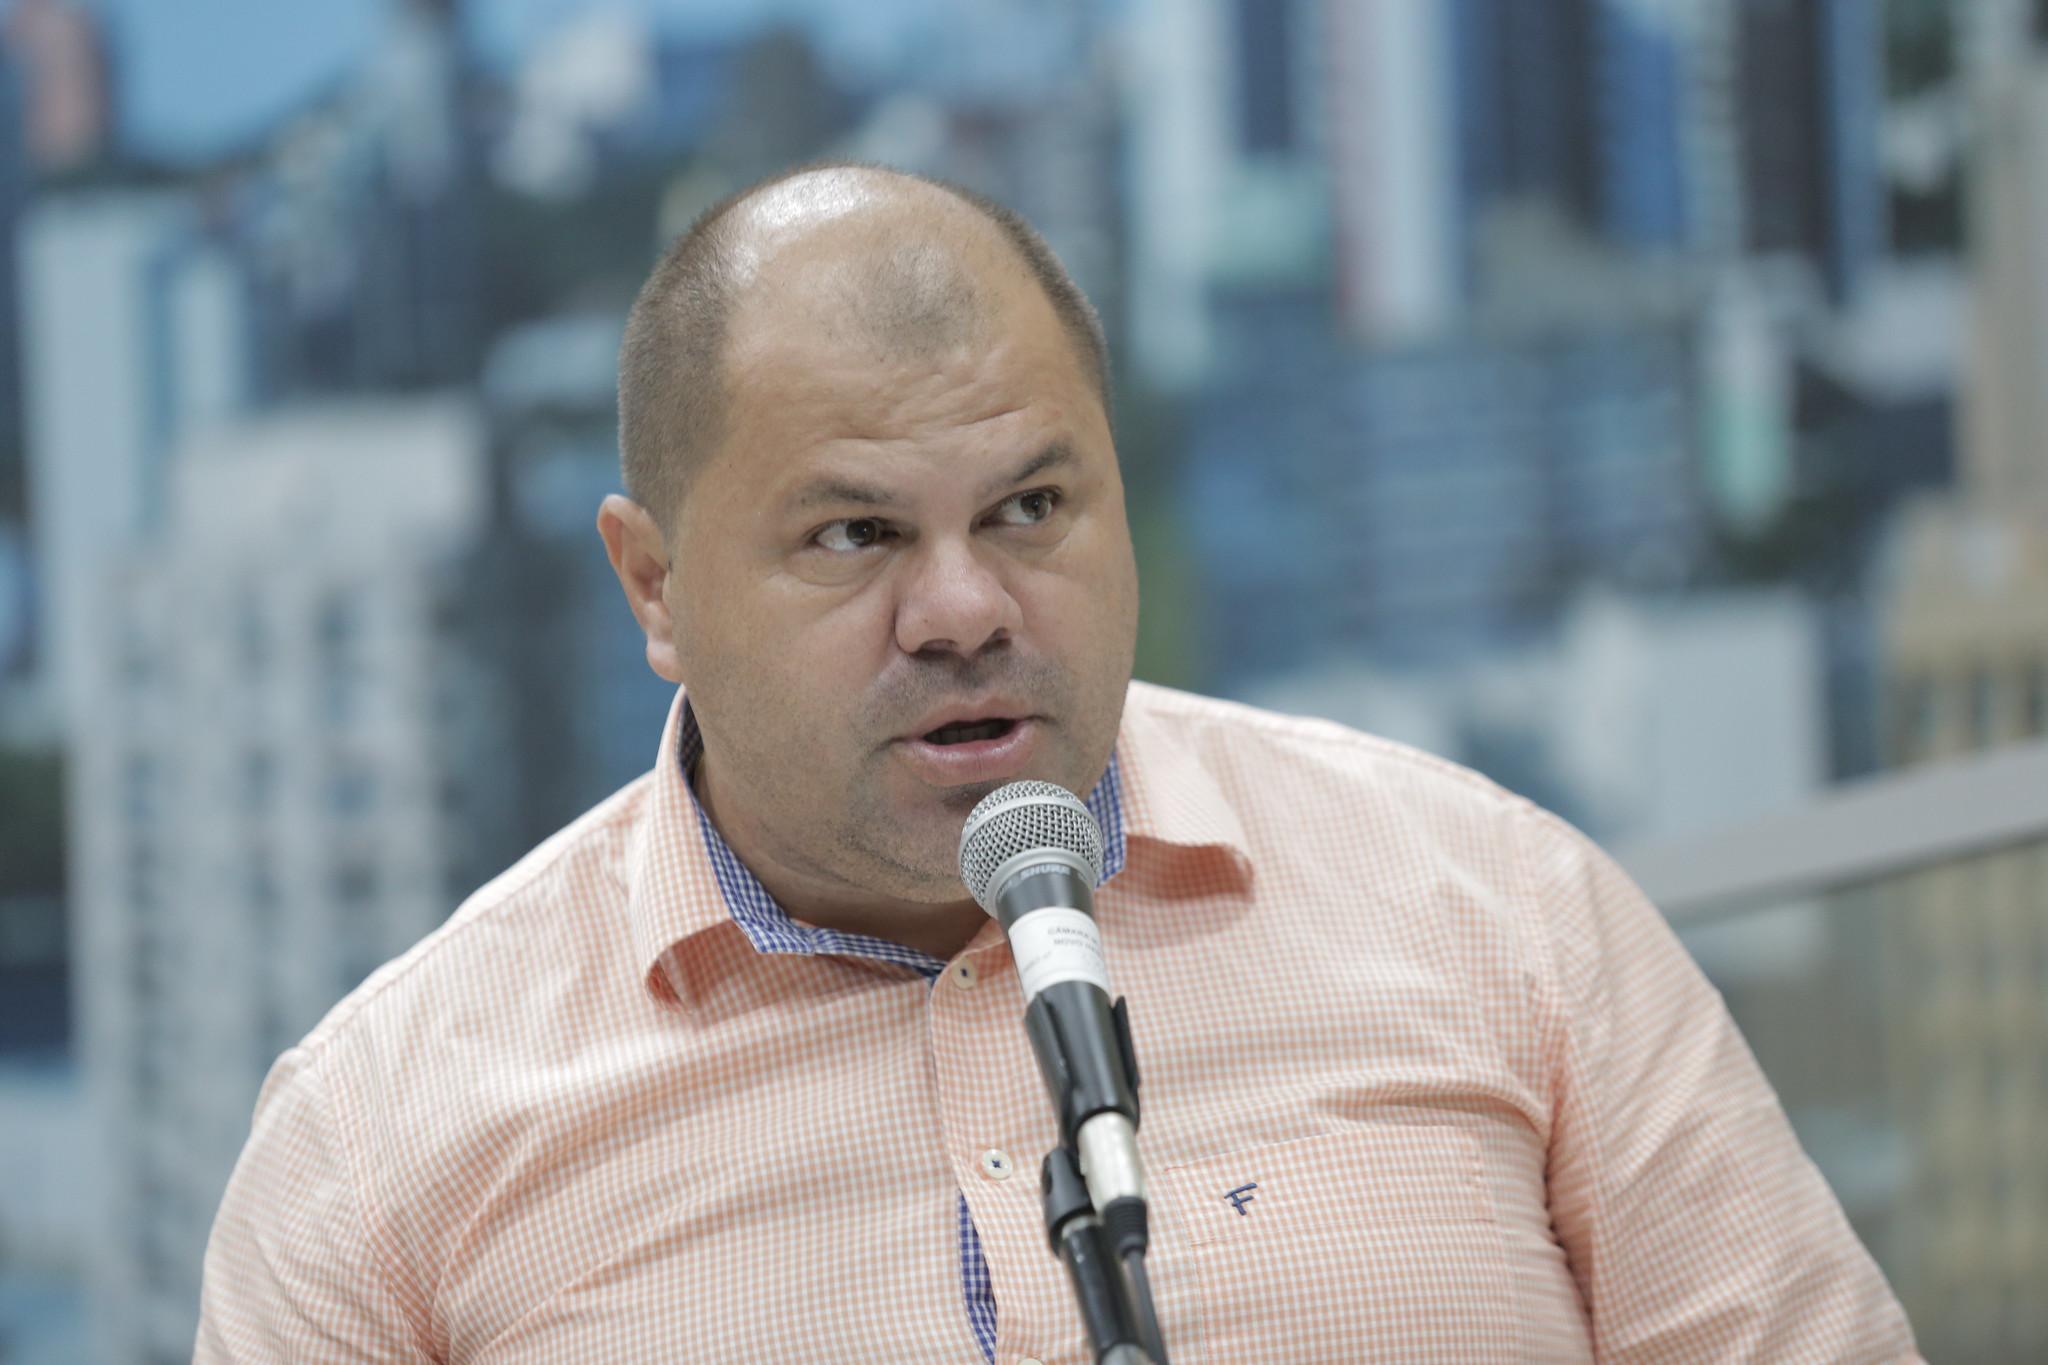 10/07/2019 - Fernando Lourenço demanda recolhimento de galhos no bairro Canudos